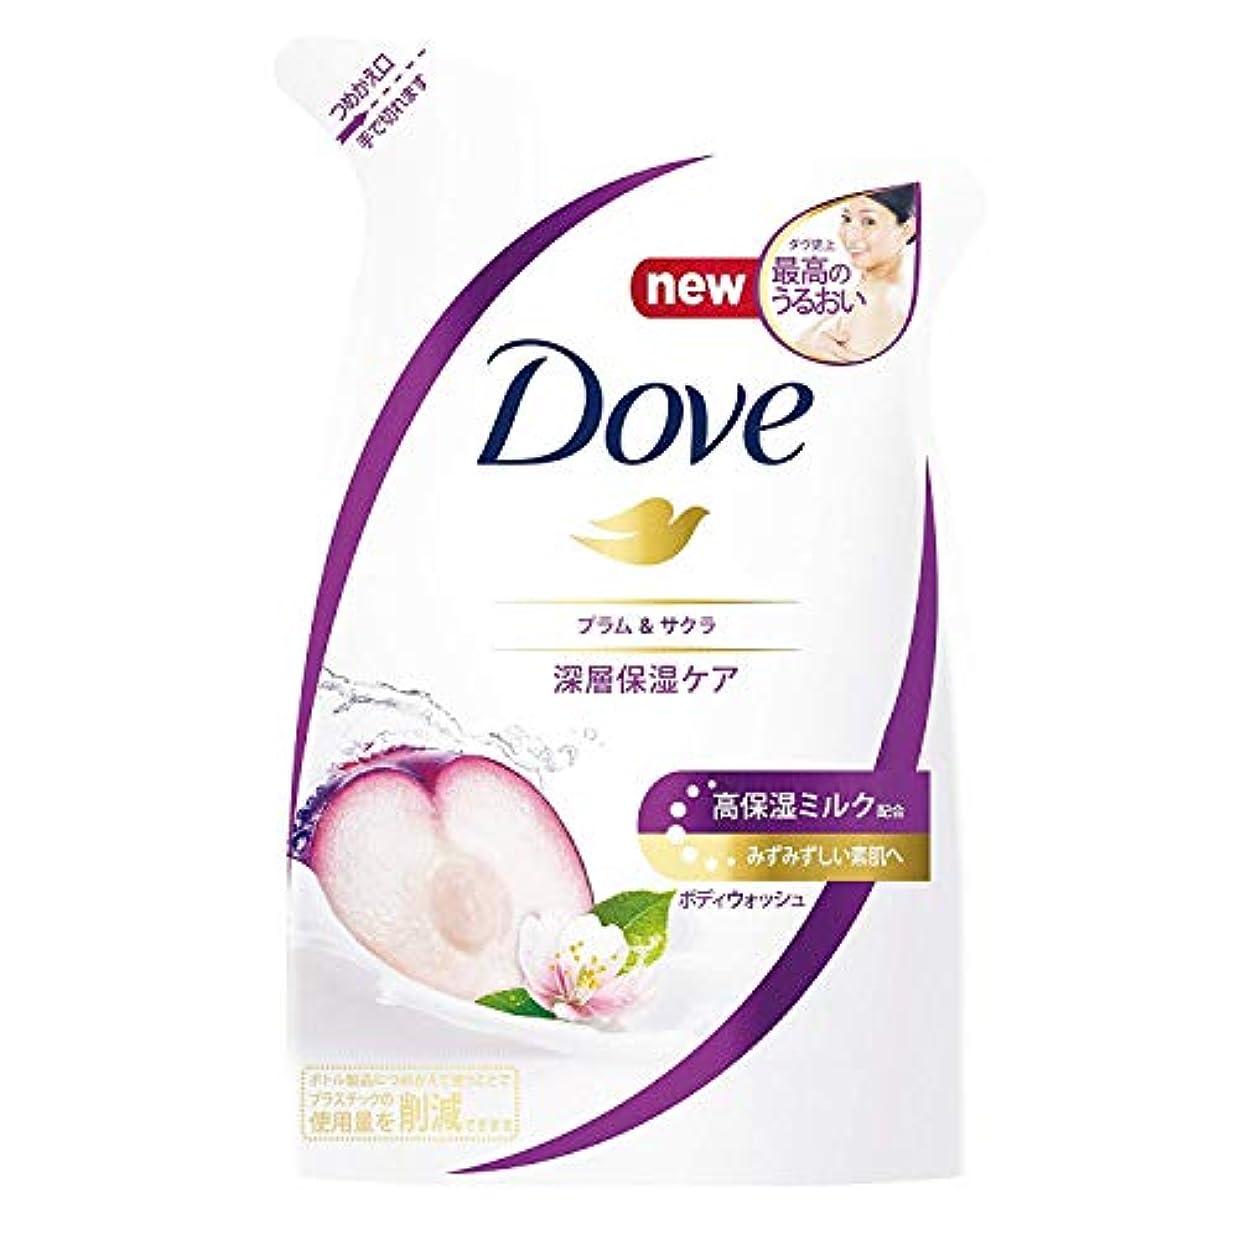 折取り戻すグラム【2個セット】Dove ダヴ ボディウォッシュ プラム & サクラ つめかえ用 360g